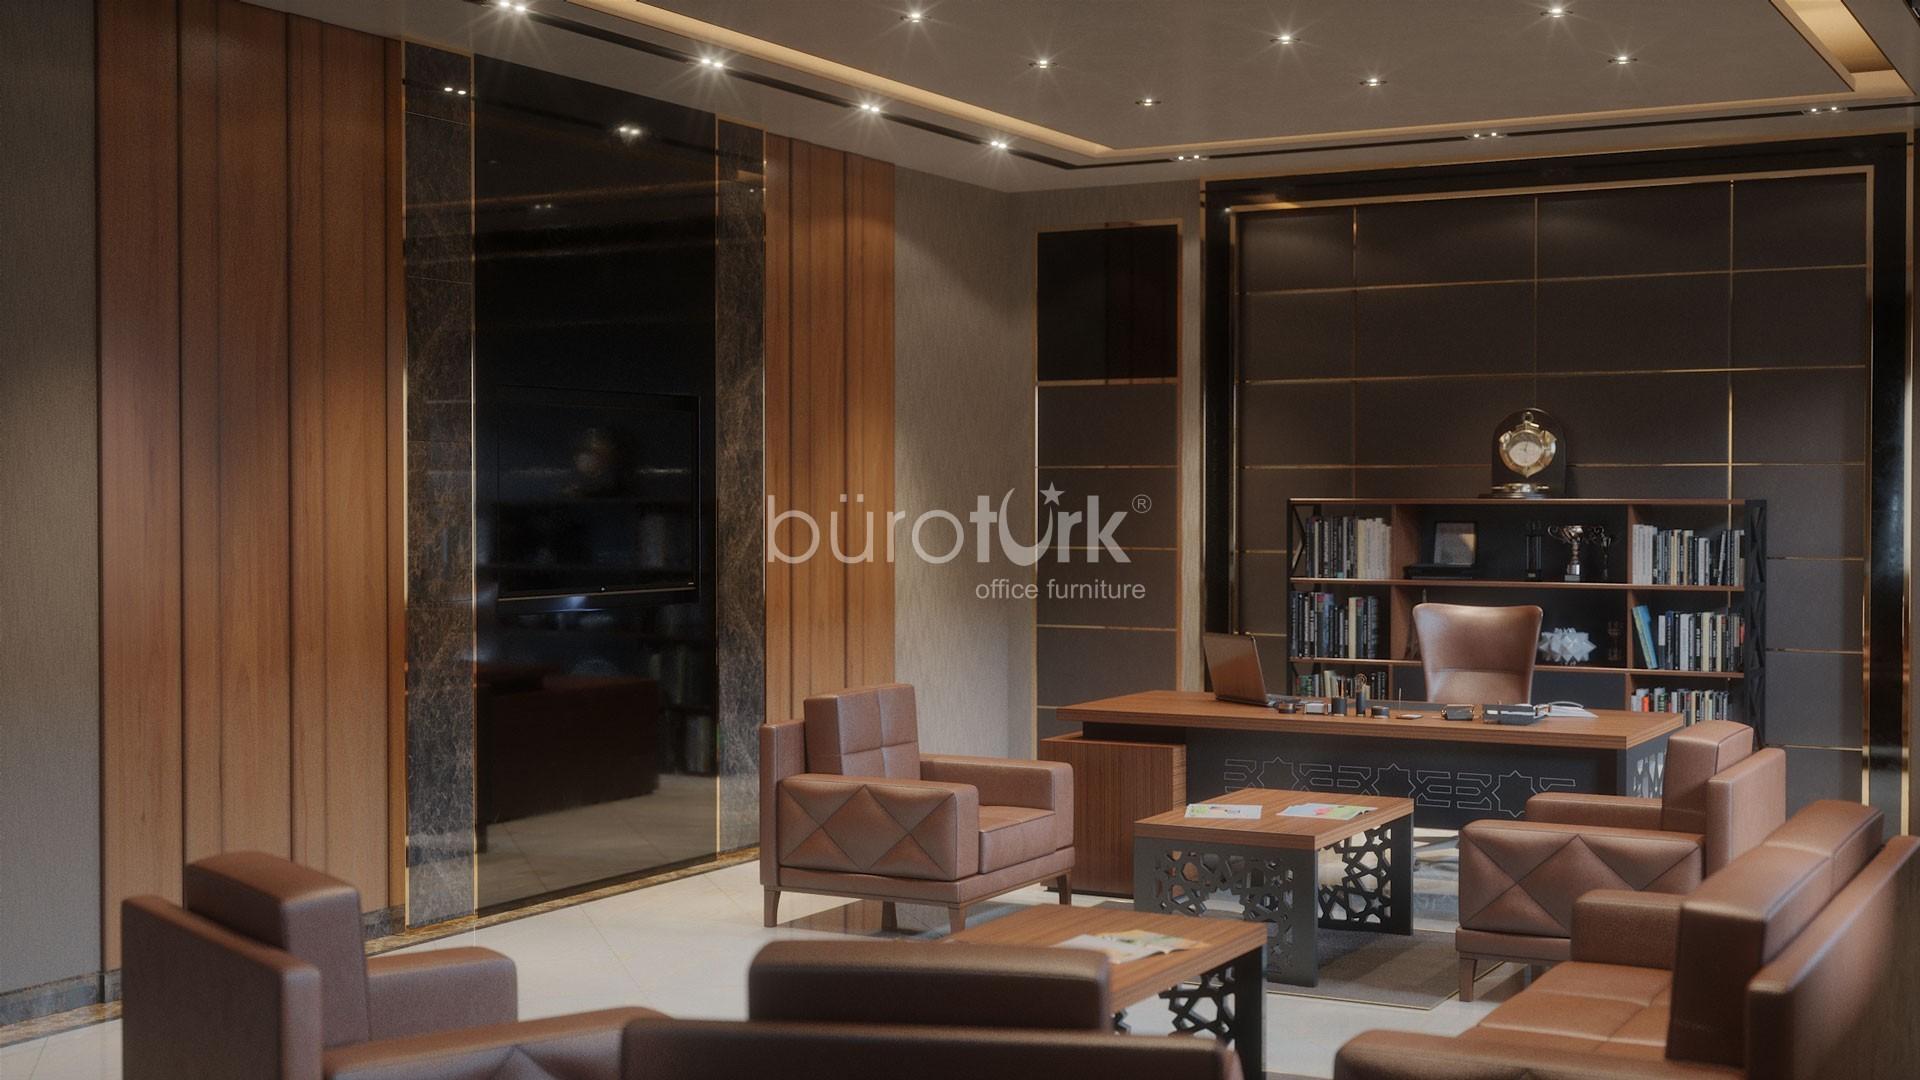 | Bürotürk | Office Furniture |